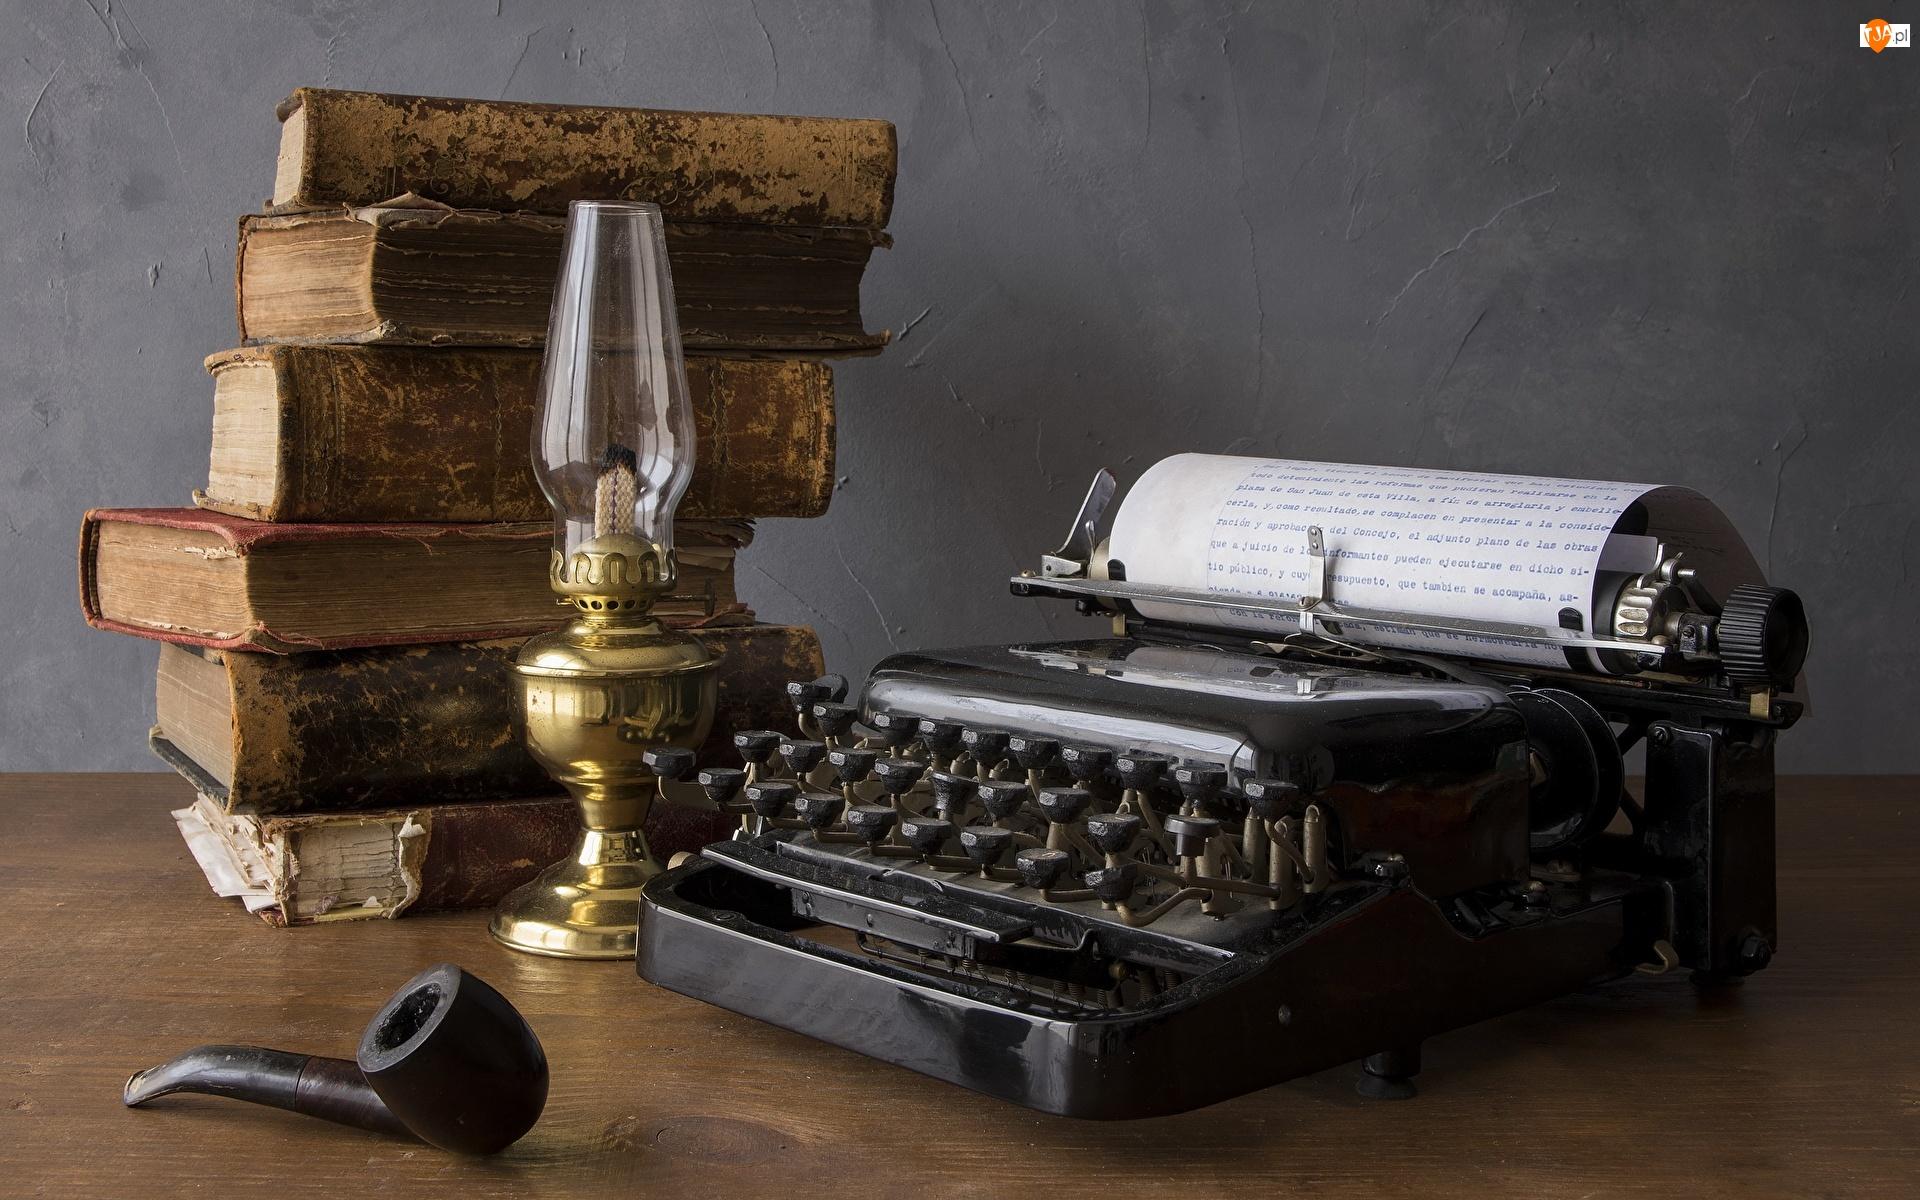 Stara, Książki, Lampa, Kompozycja, Maszyna do pisania, Fajka